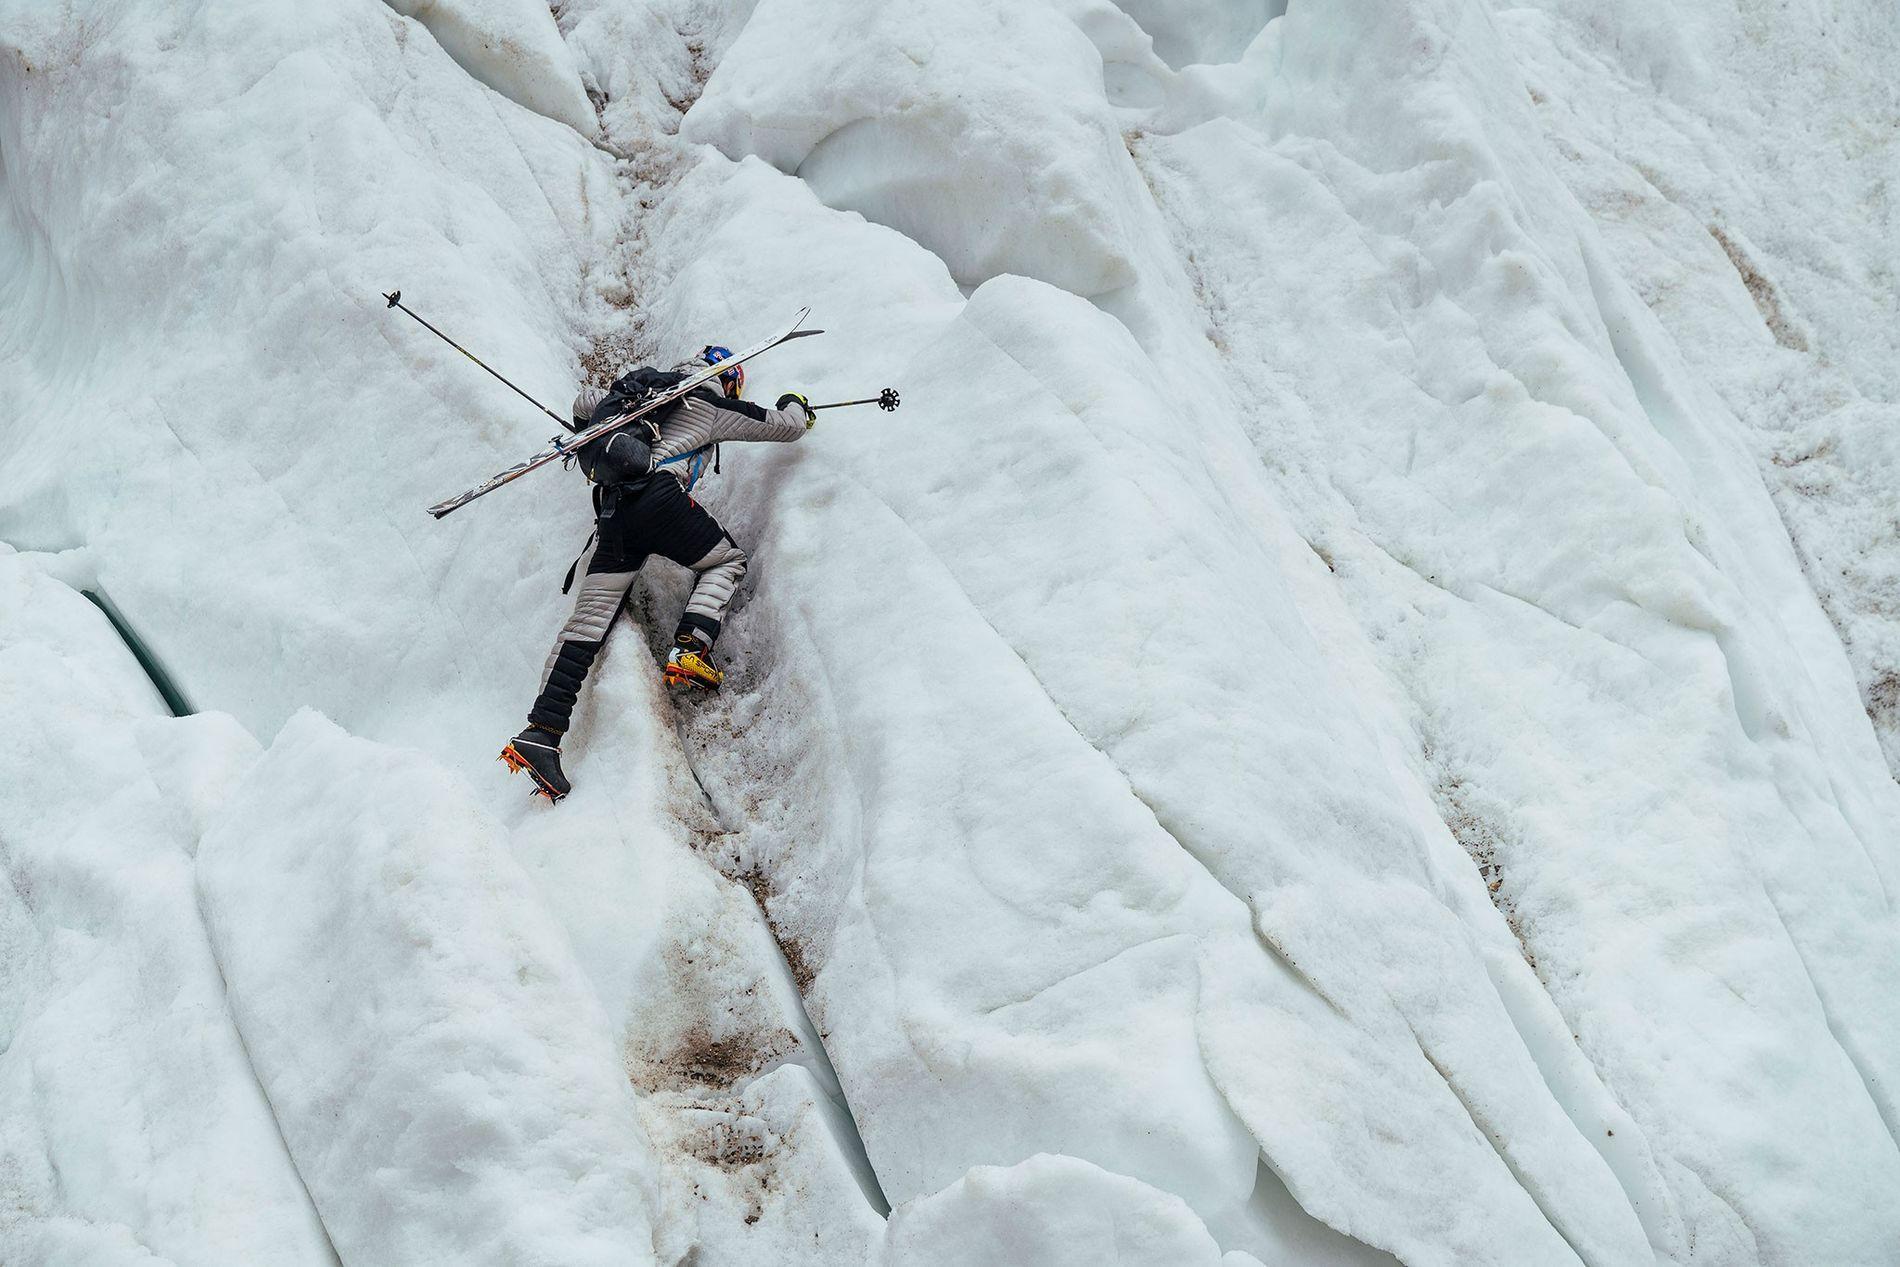 En juillet dernier, après plusieurs jours d'ascension, Andrzej Bargiel a descendu le K2 à skis. Deuxième sommet le plus haut au monde, le K2 est si escarpé et dangereux que Dave Watson, le seul Américain à avoir tenté de le skier confie : « Si vous tombez, vous mourrez. »